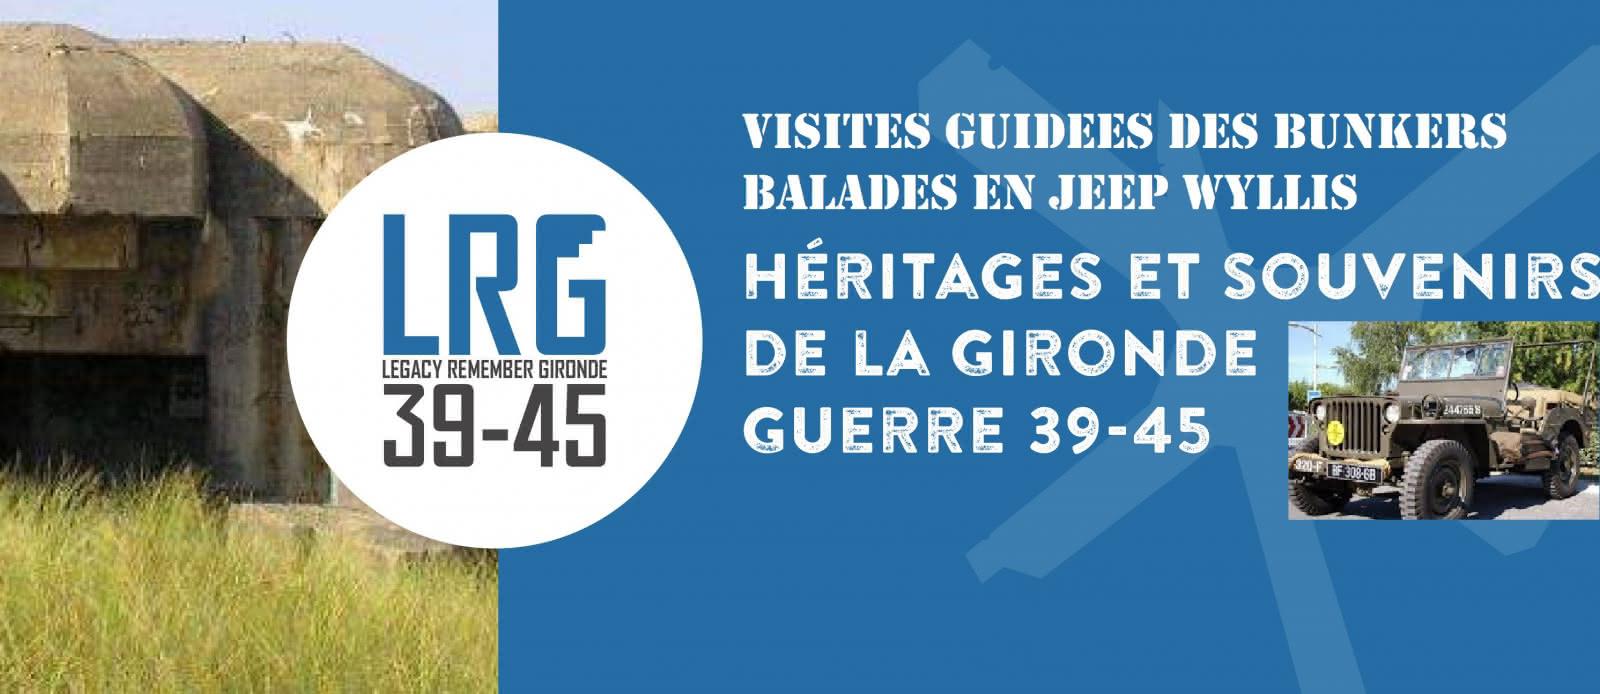 LRG (Legacy Remember Gironde 39-45)